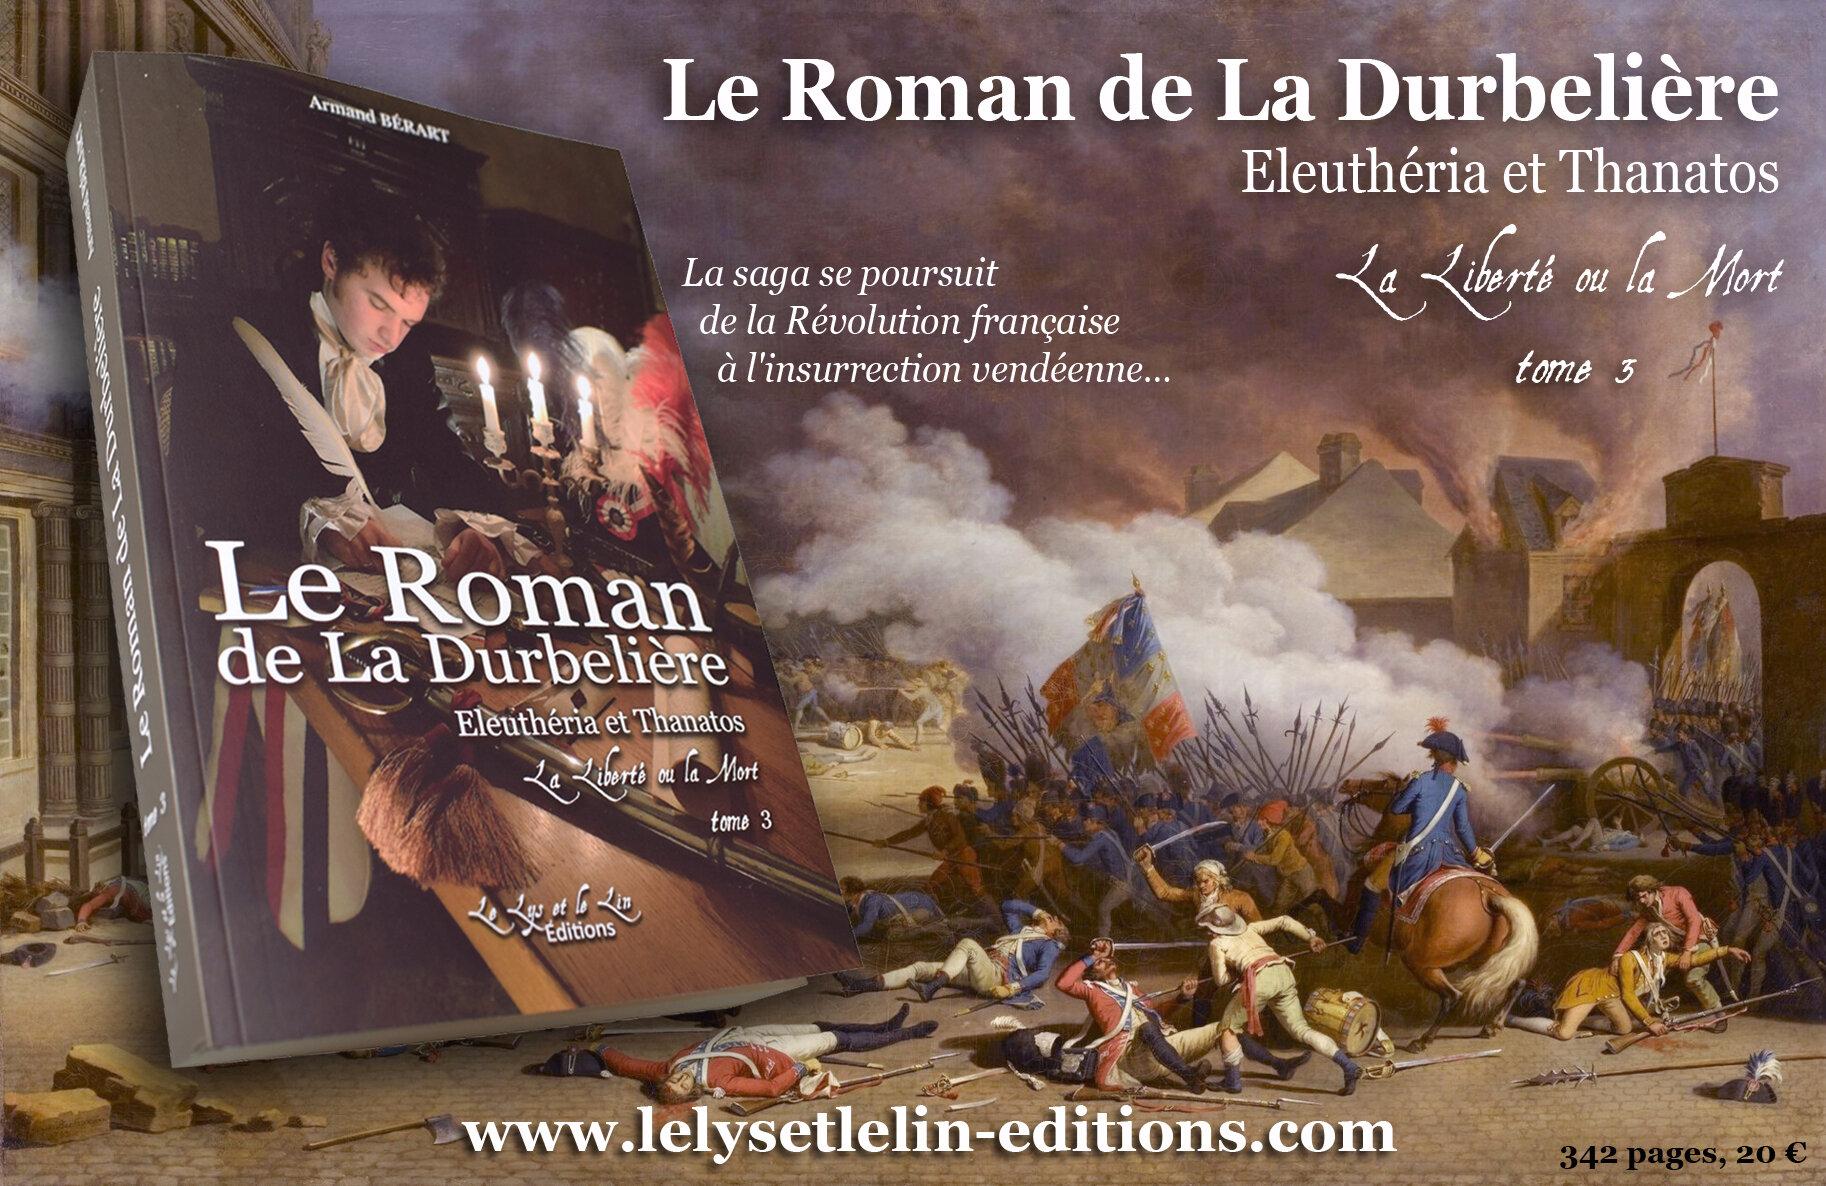 Le tome 3 du « Roman de la Durbelière » sort aujourd'hui !